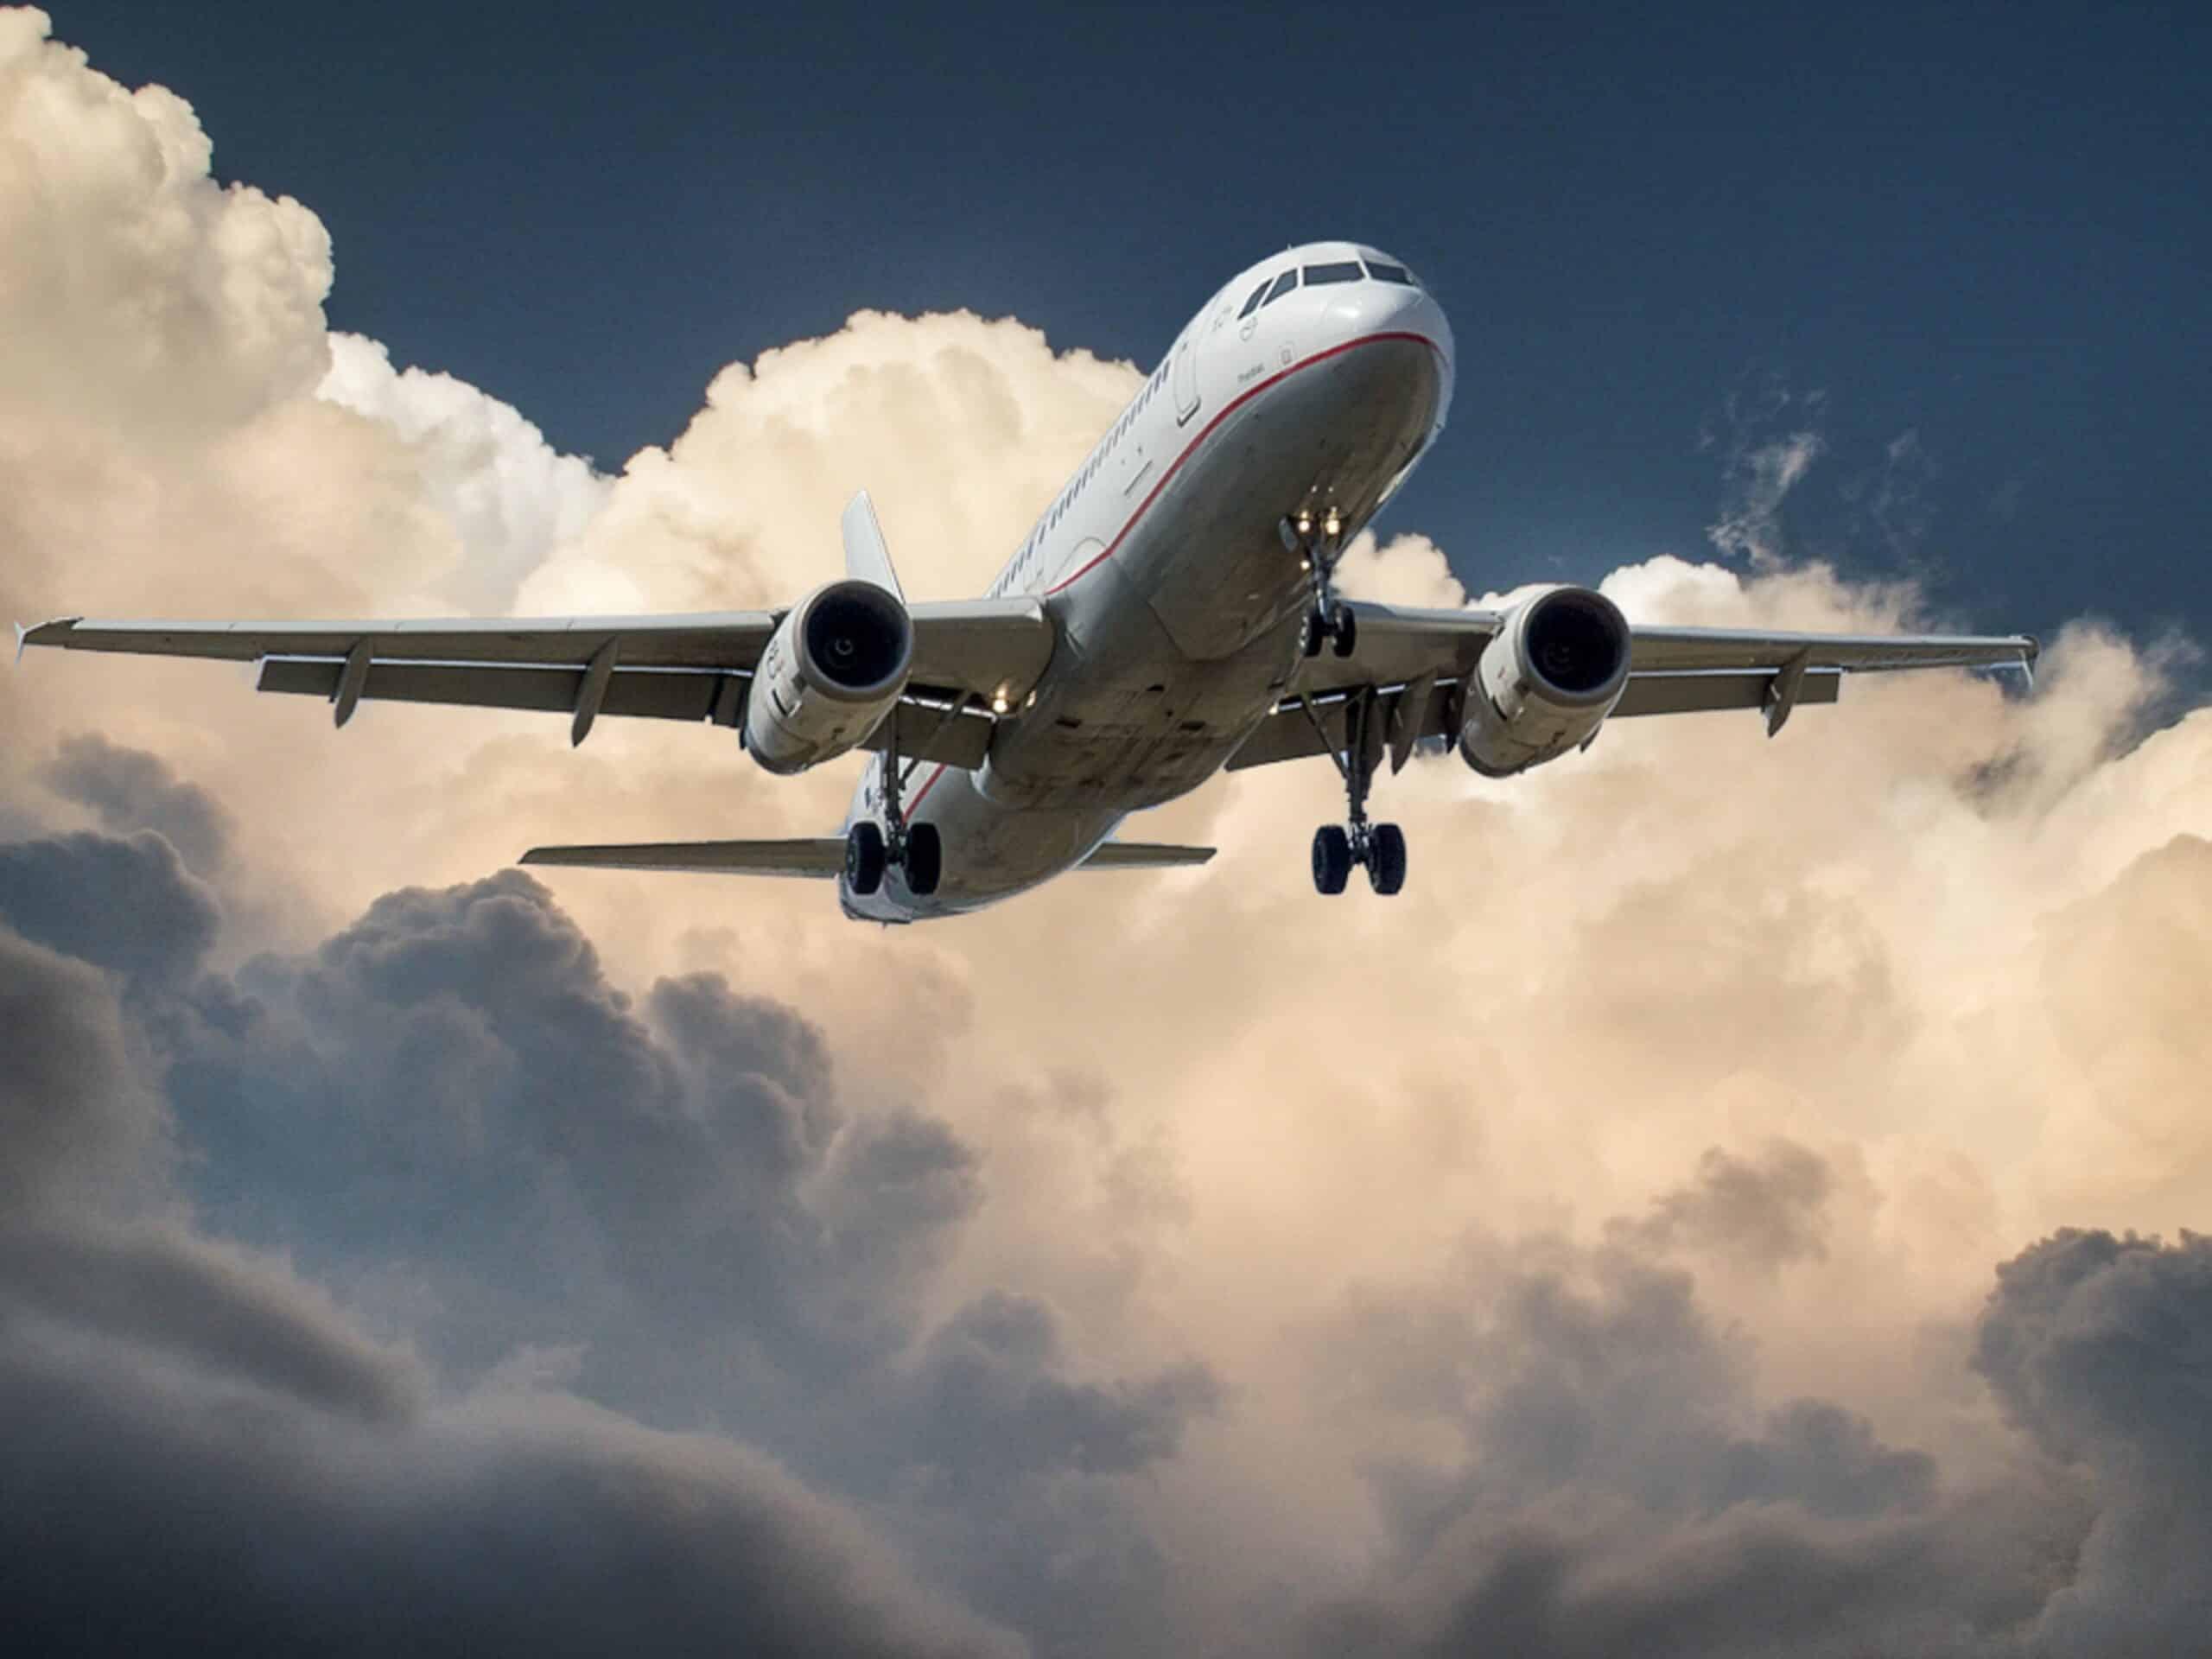 Viajes en grupo eligiendo tus propios vuelos